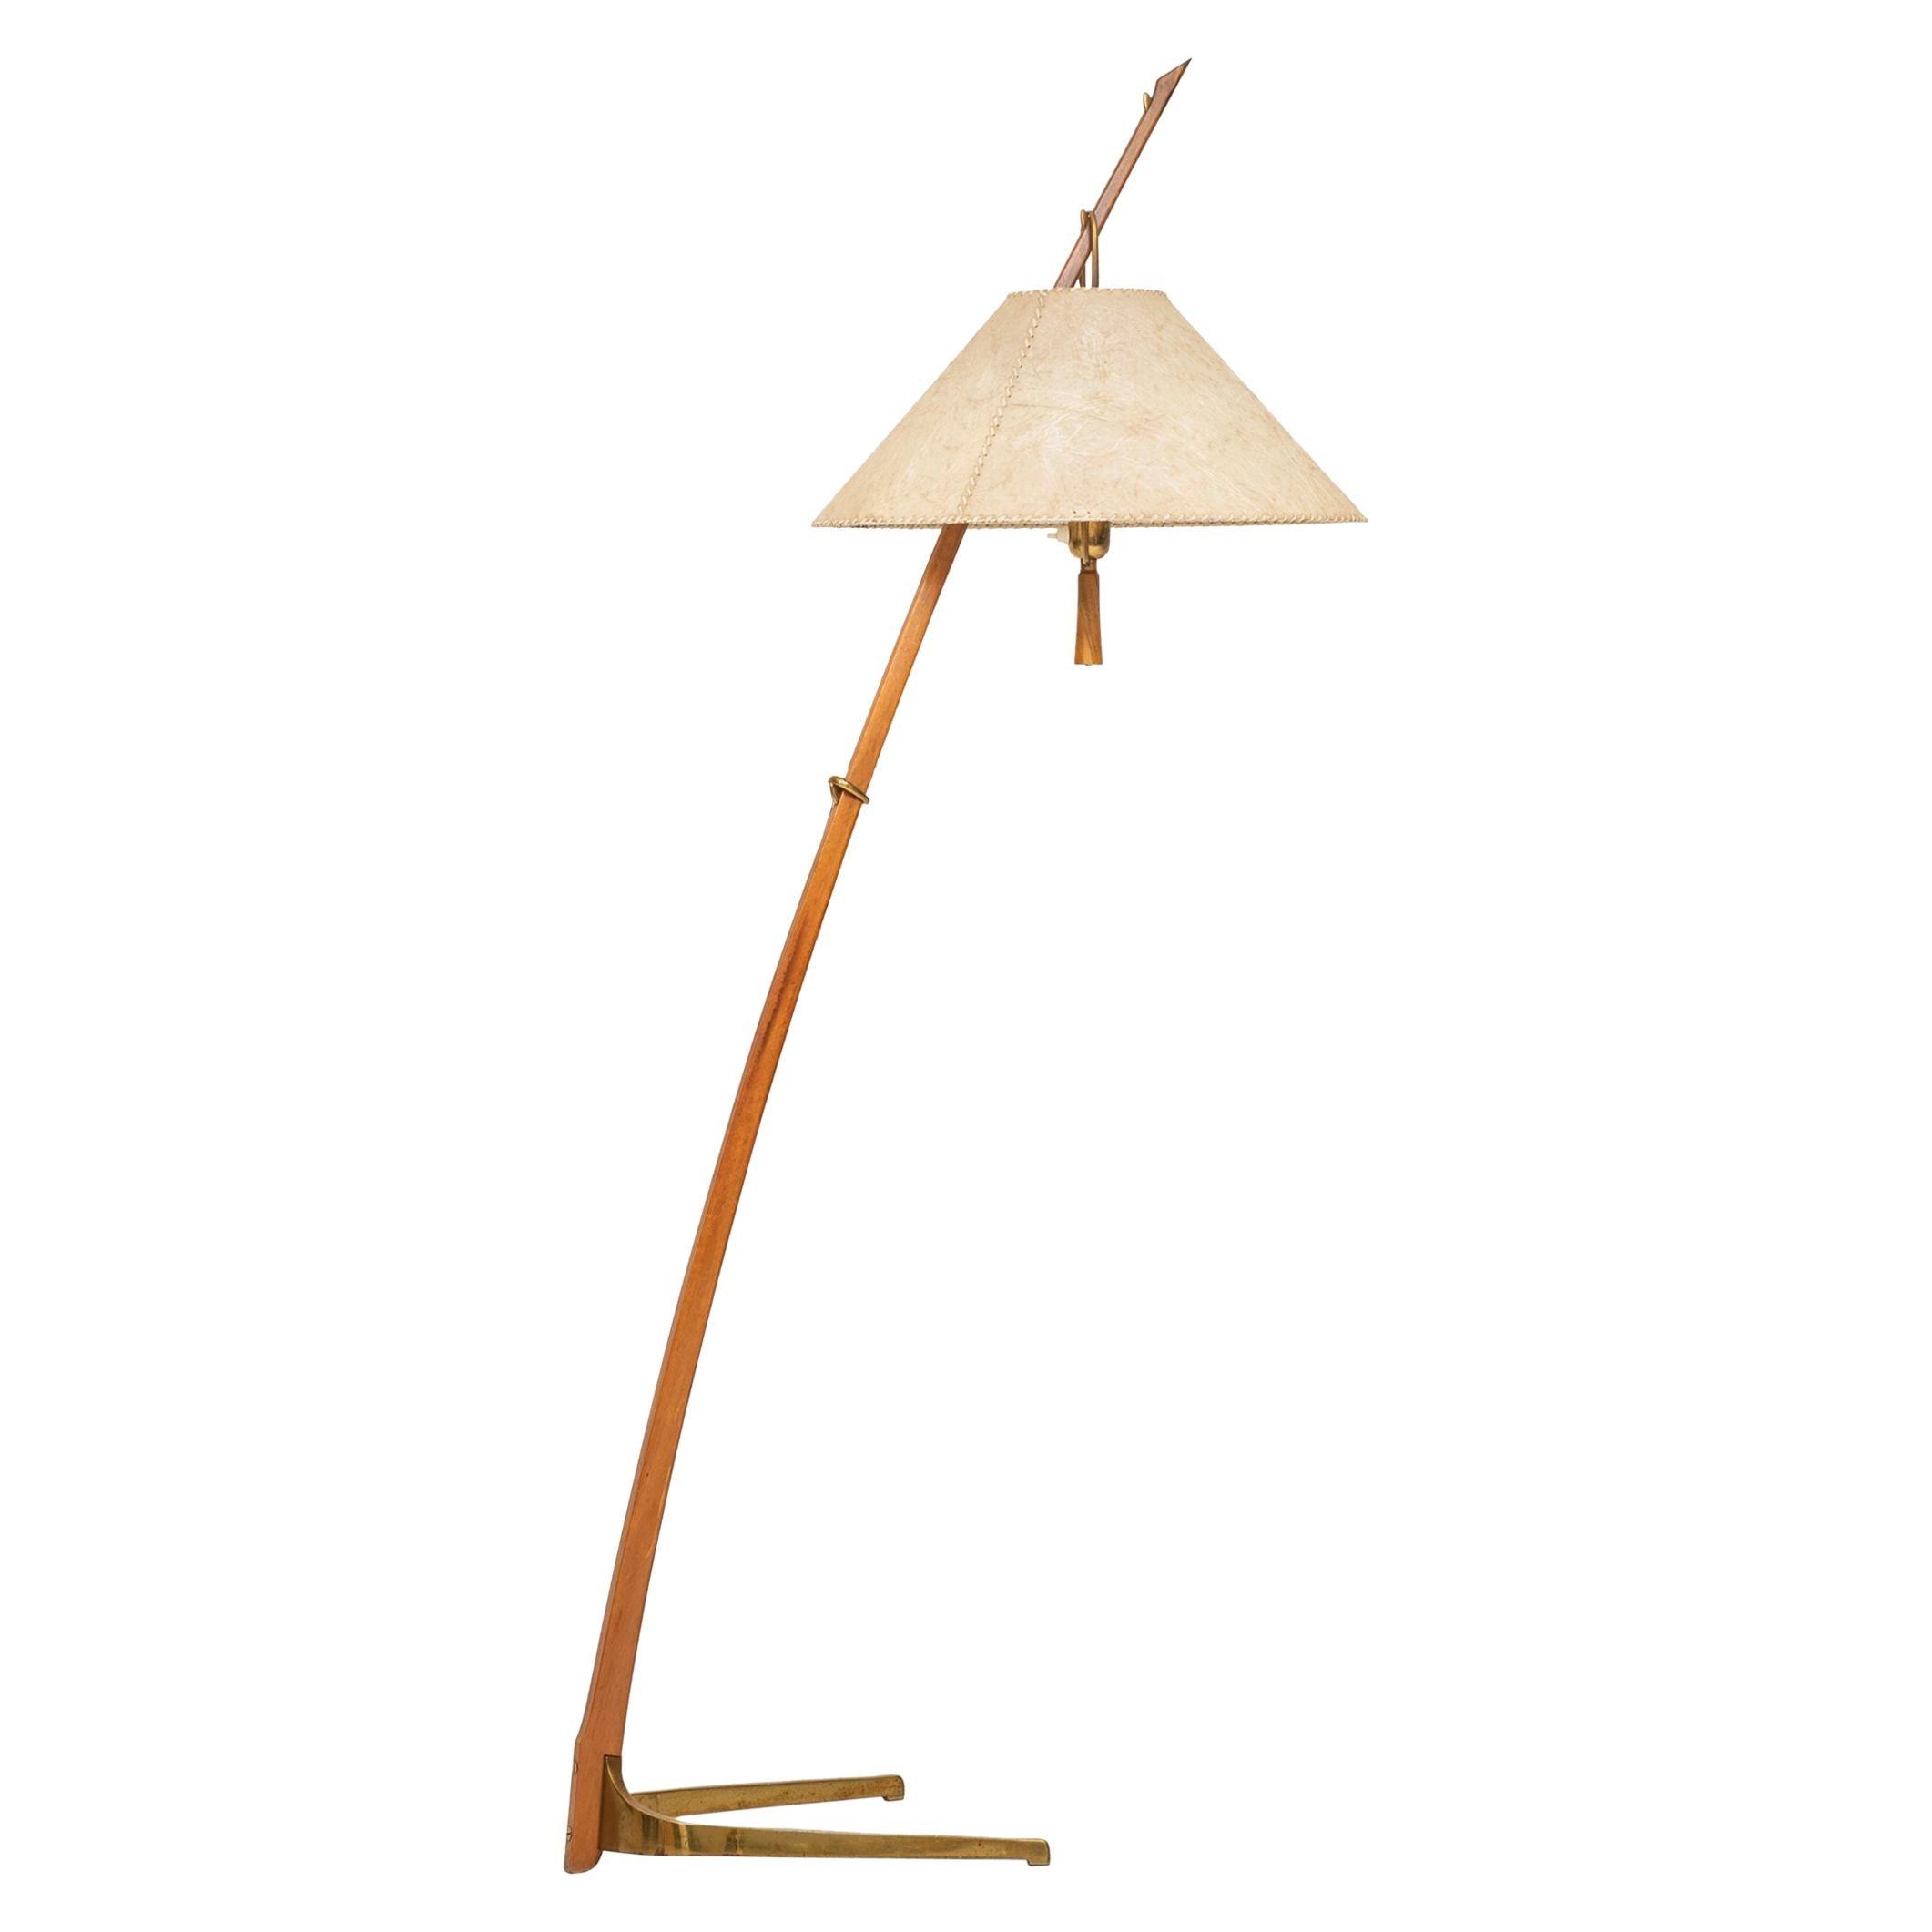 J.T Kalmar & A. Pöll Floor Lamp Model 2076 / Dornstab by J.T Kalmar in Vienna